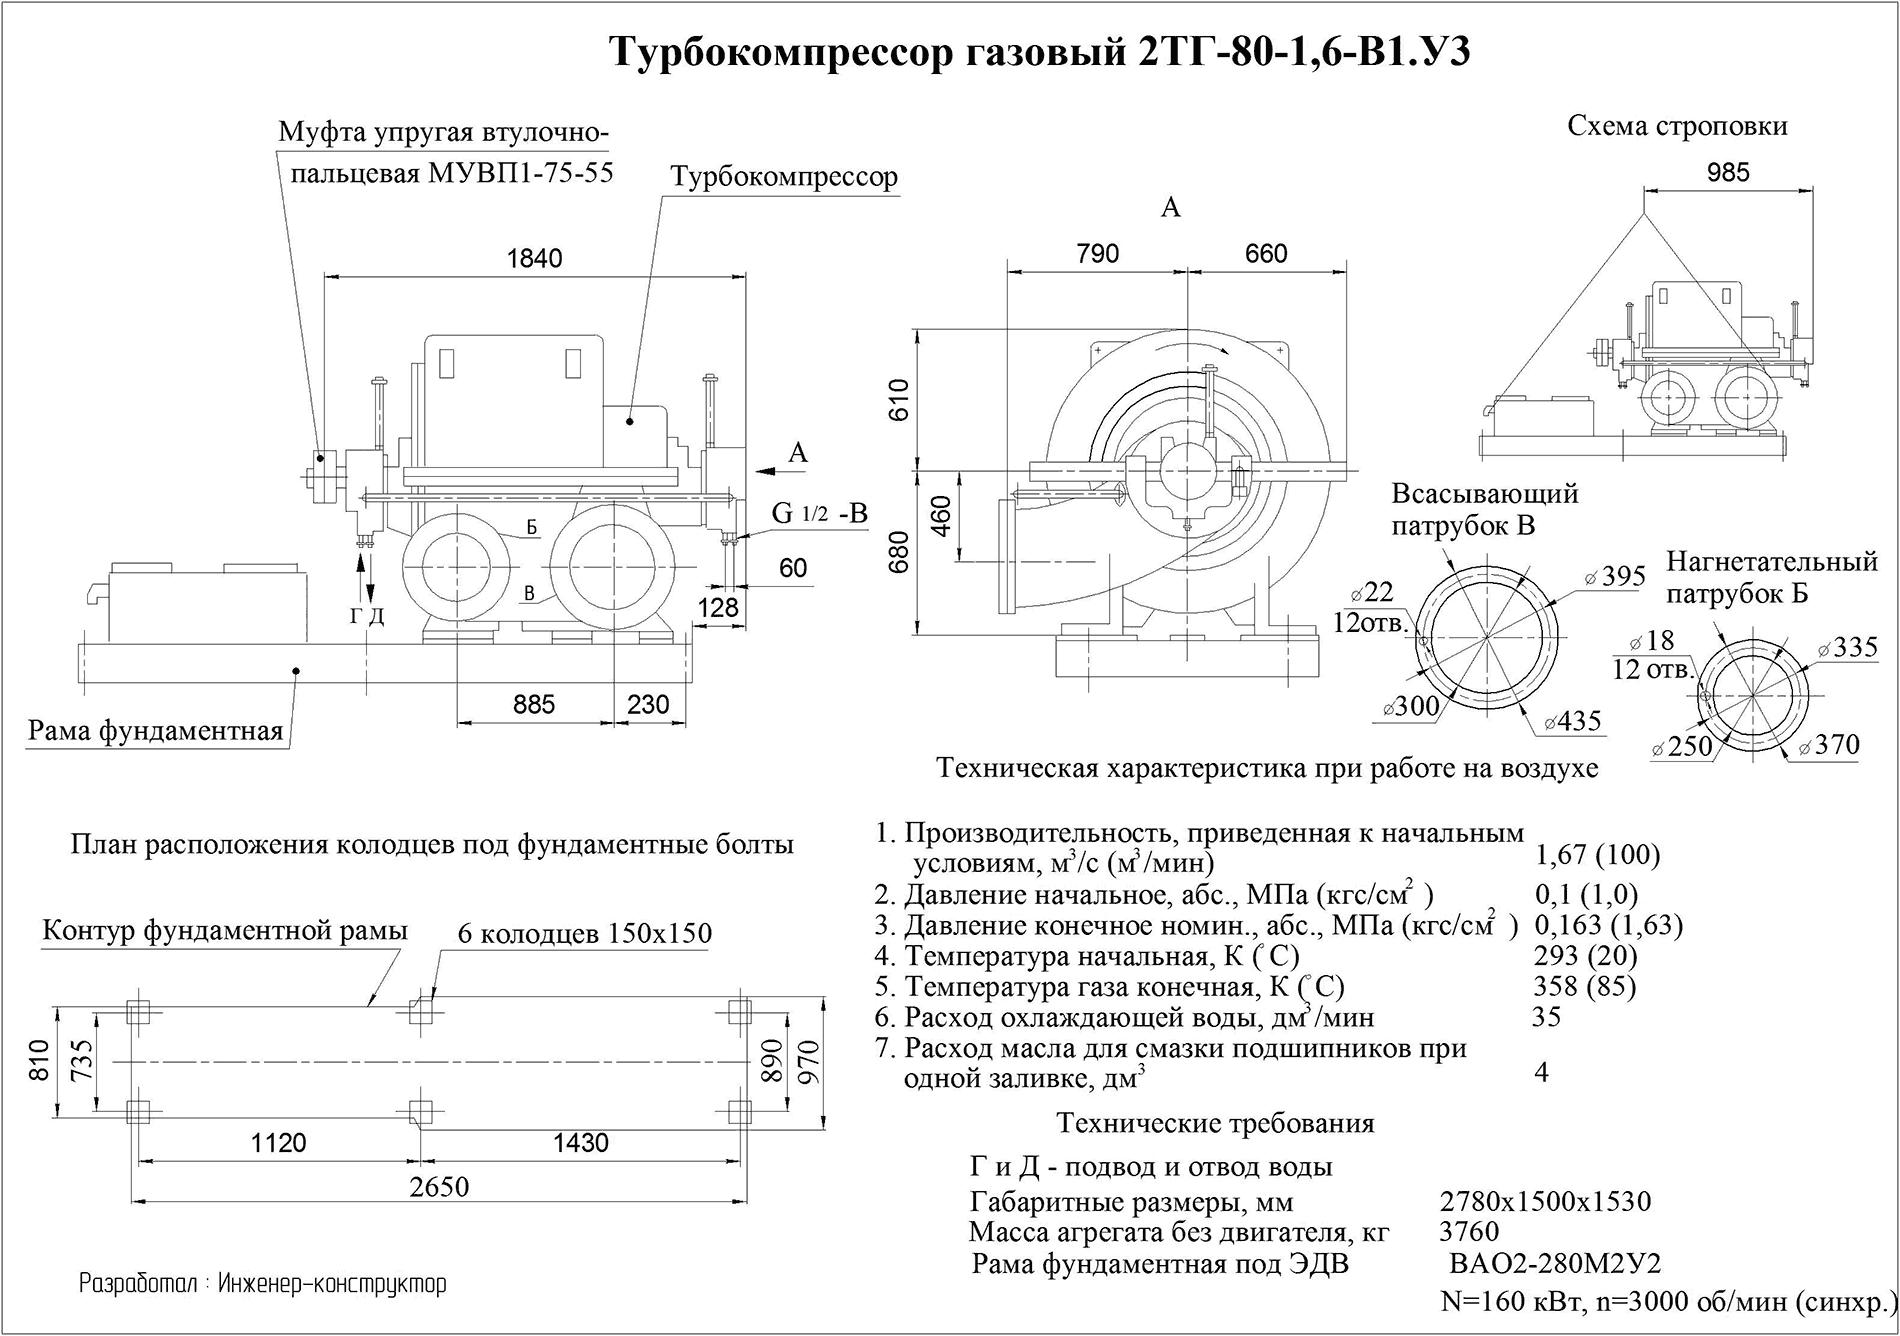 Технические характеристики 2ТГ-80-1,6М1-В1У2